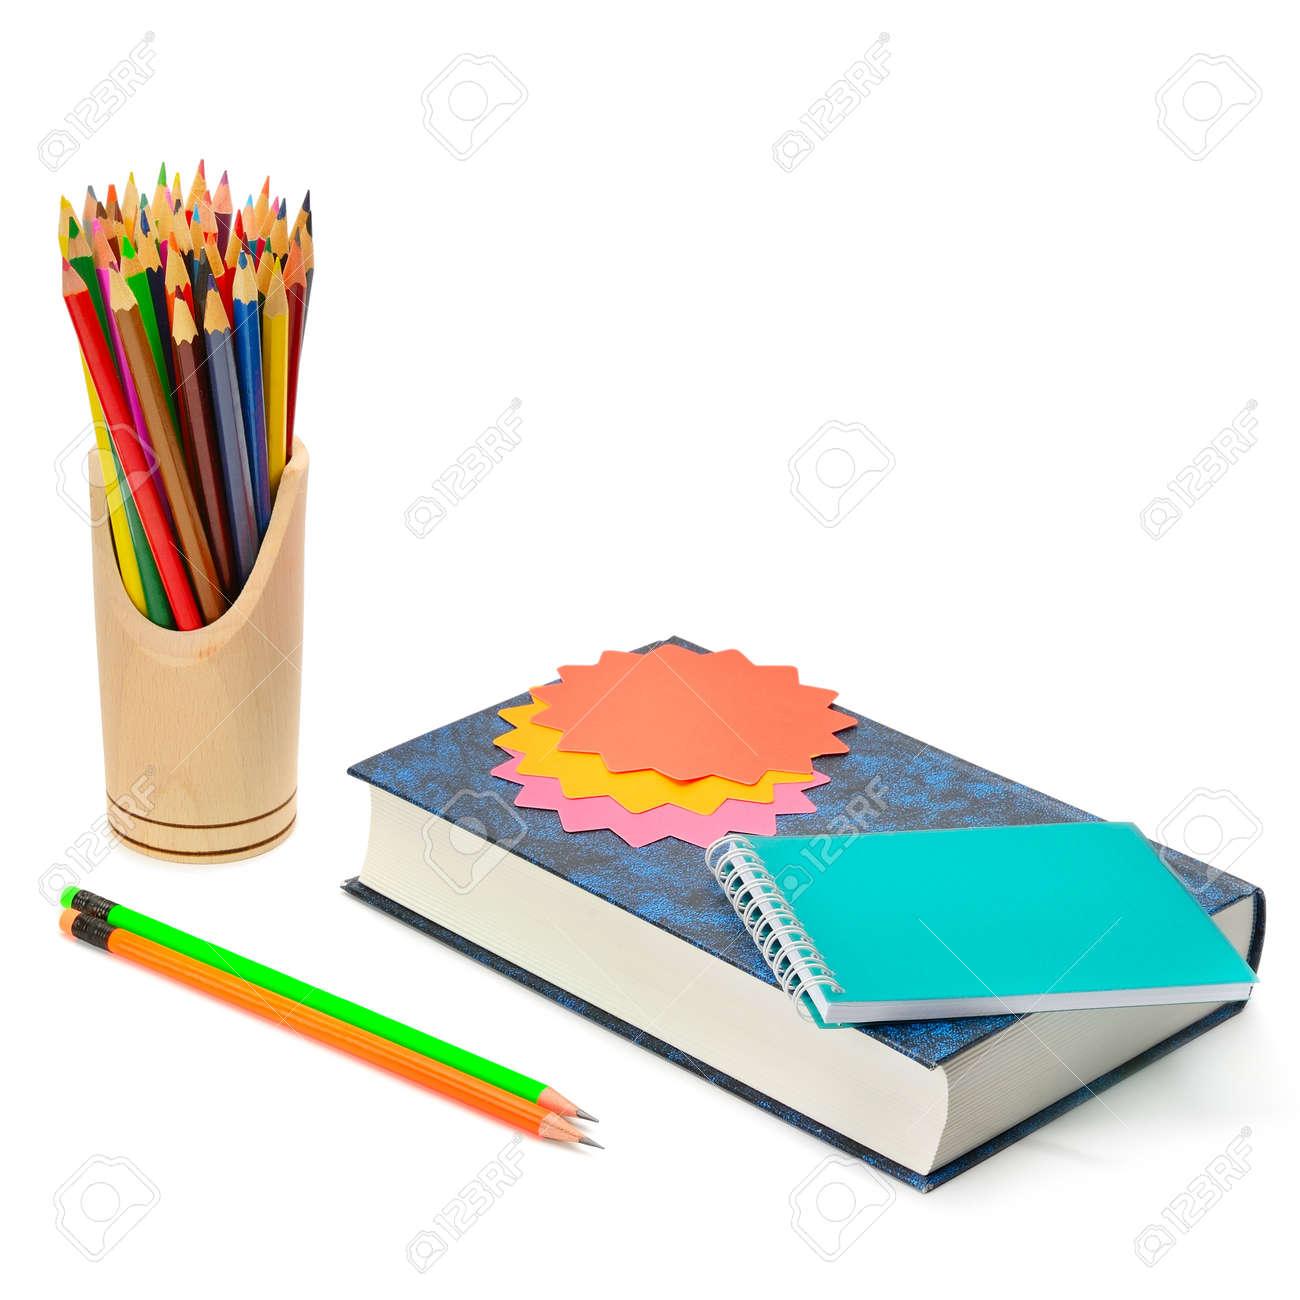 Libro, Lápices De Colores Y Pegatinas Aisladas Sobre Fondo Blanco ...